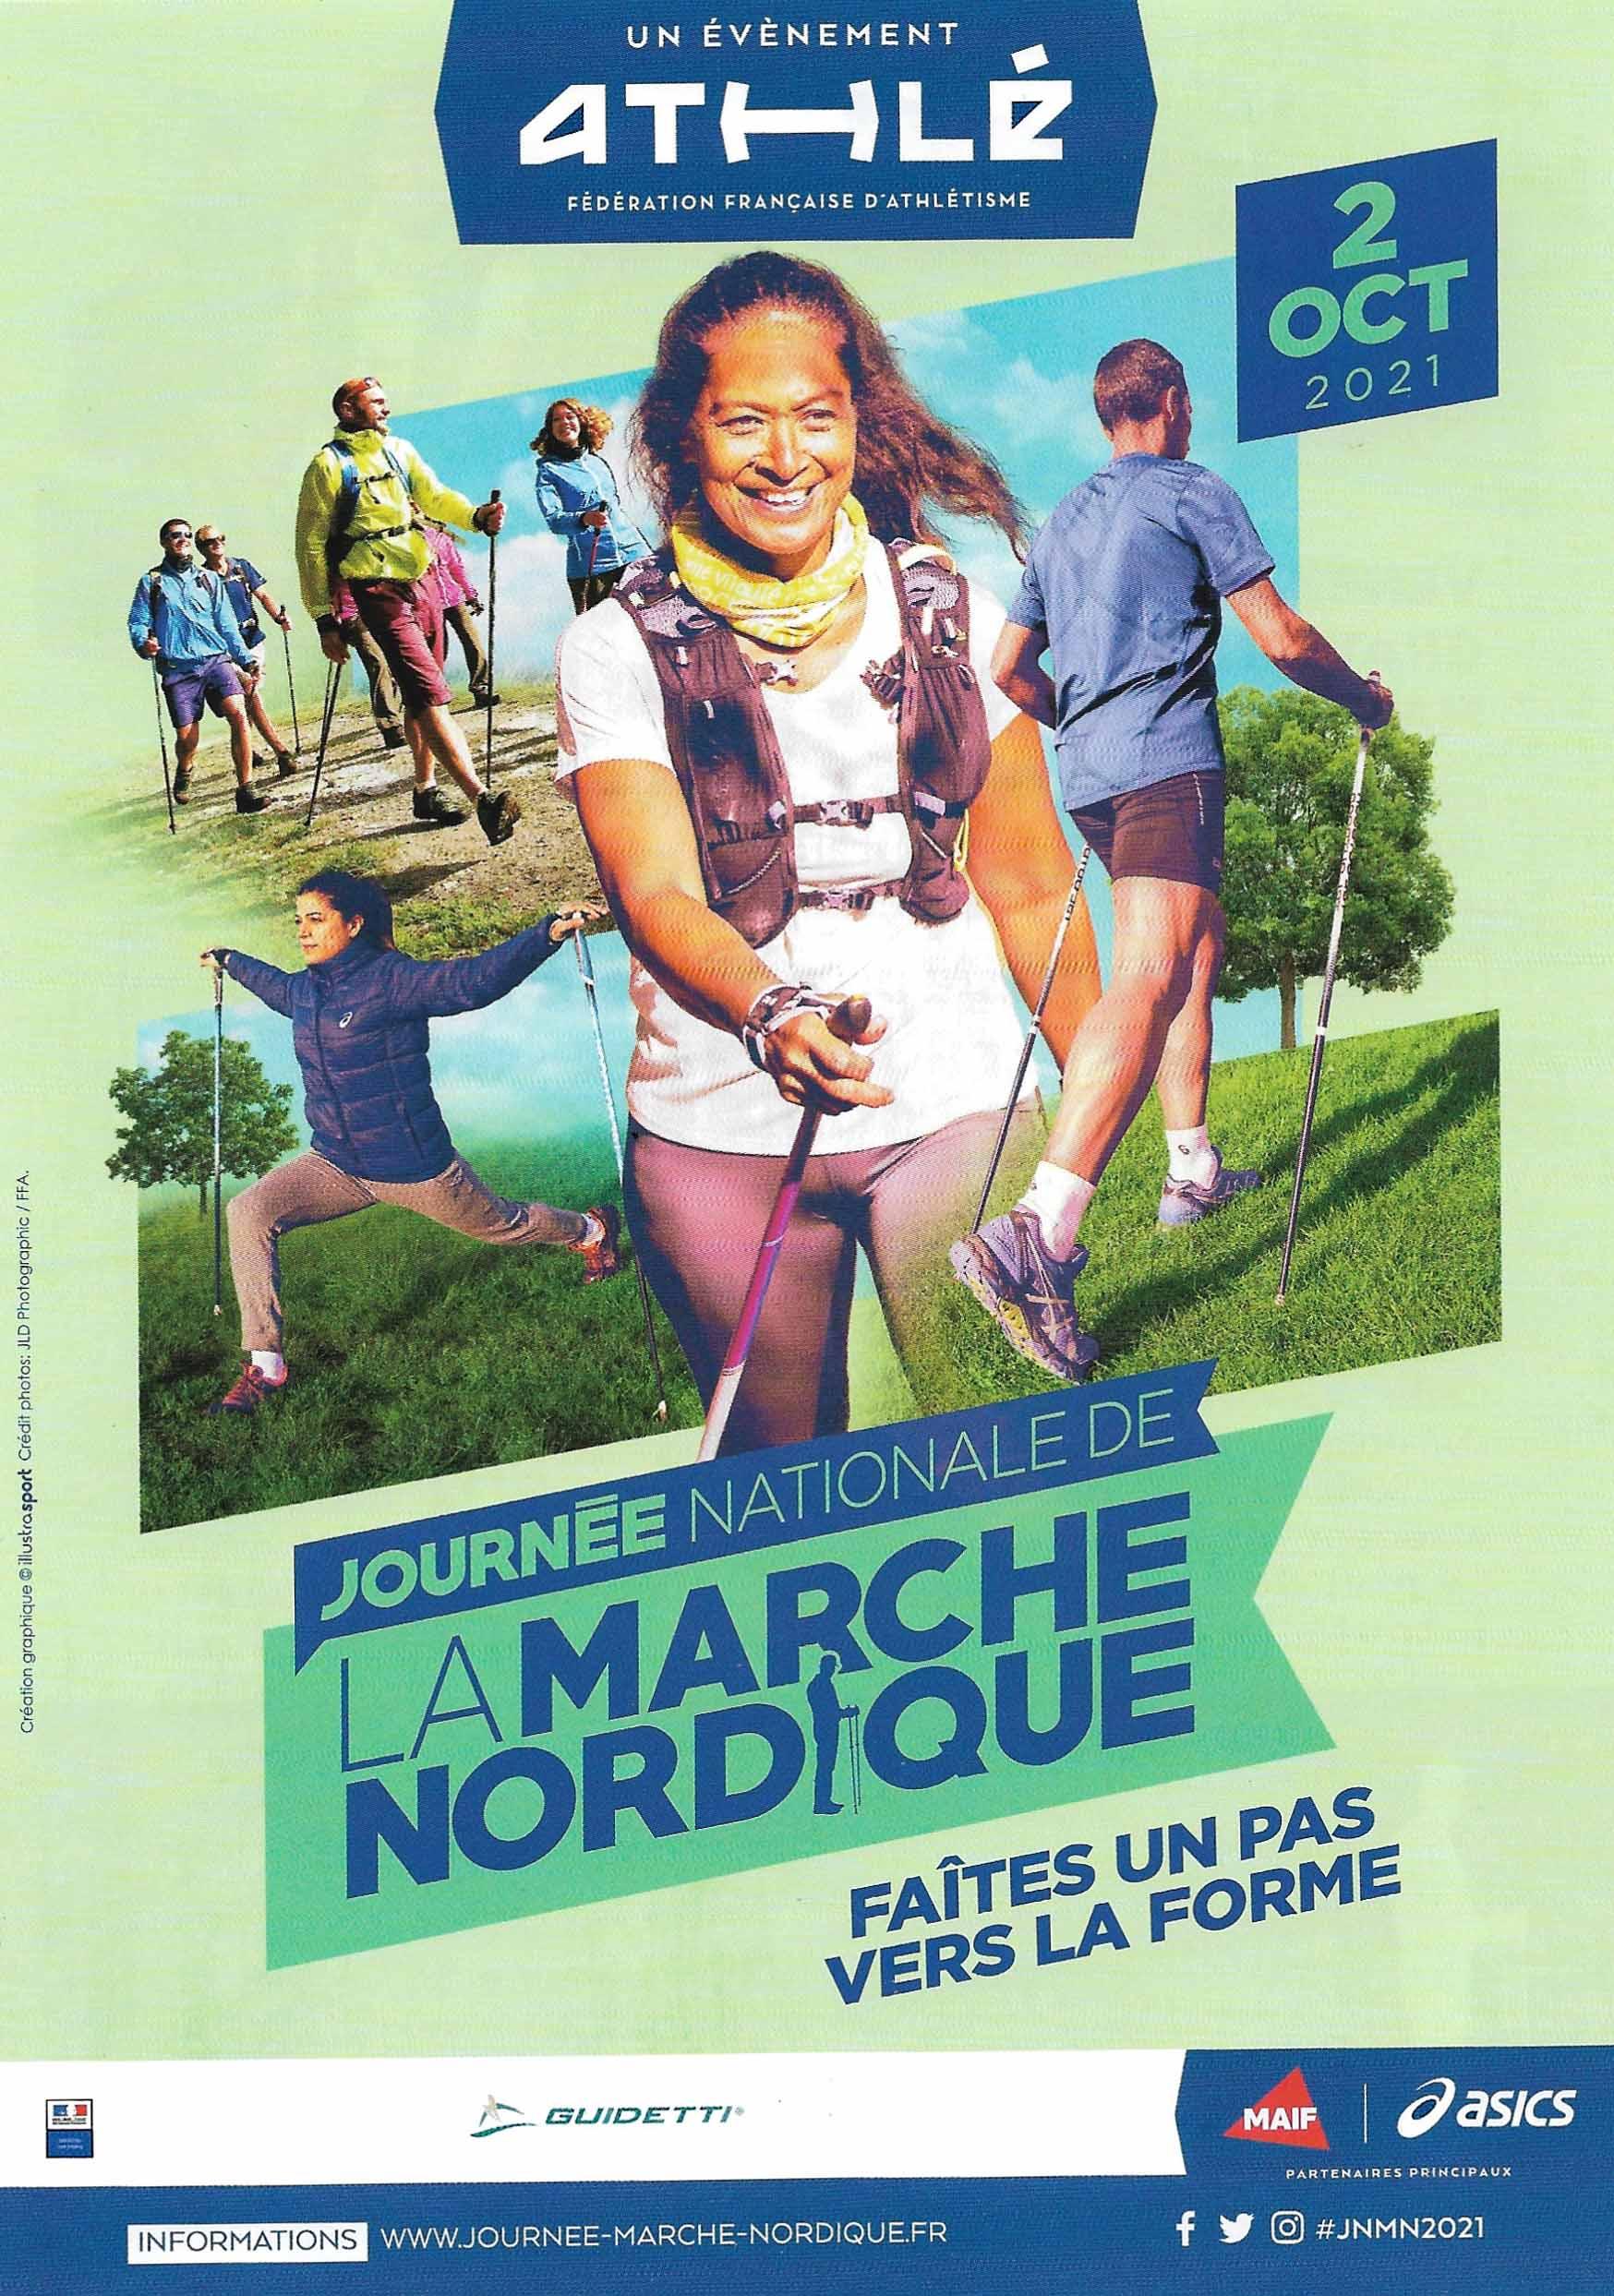 Journée Nationale Marche Nordique